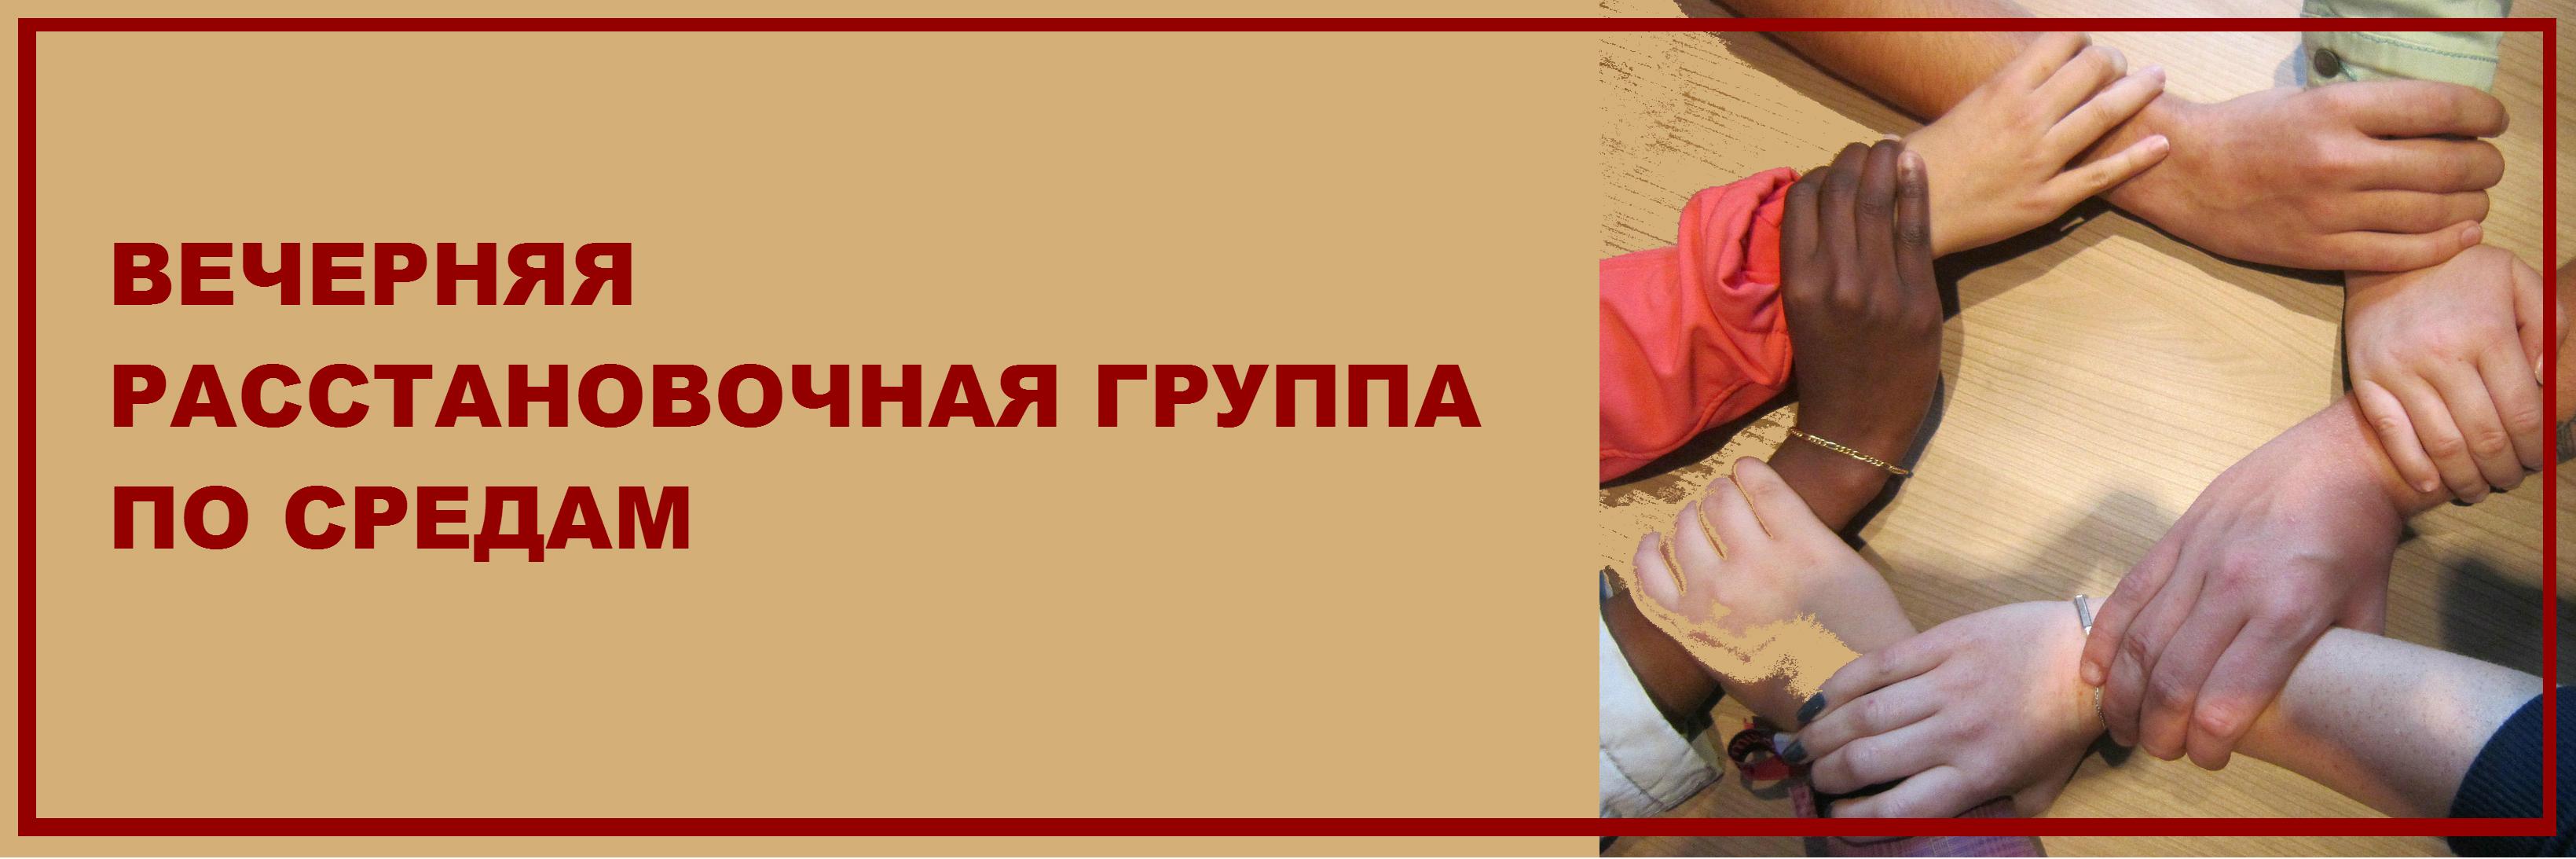 Вечерняя расстановочная группа по средам. Sun-n-clouds.ru